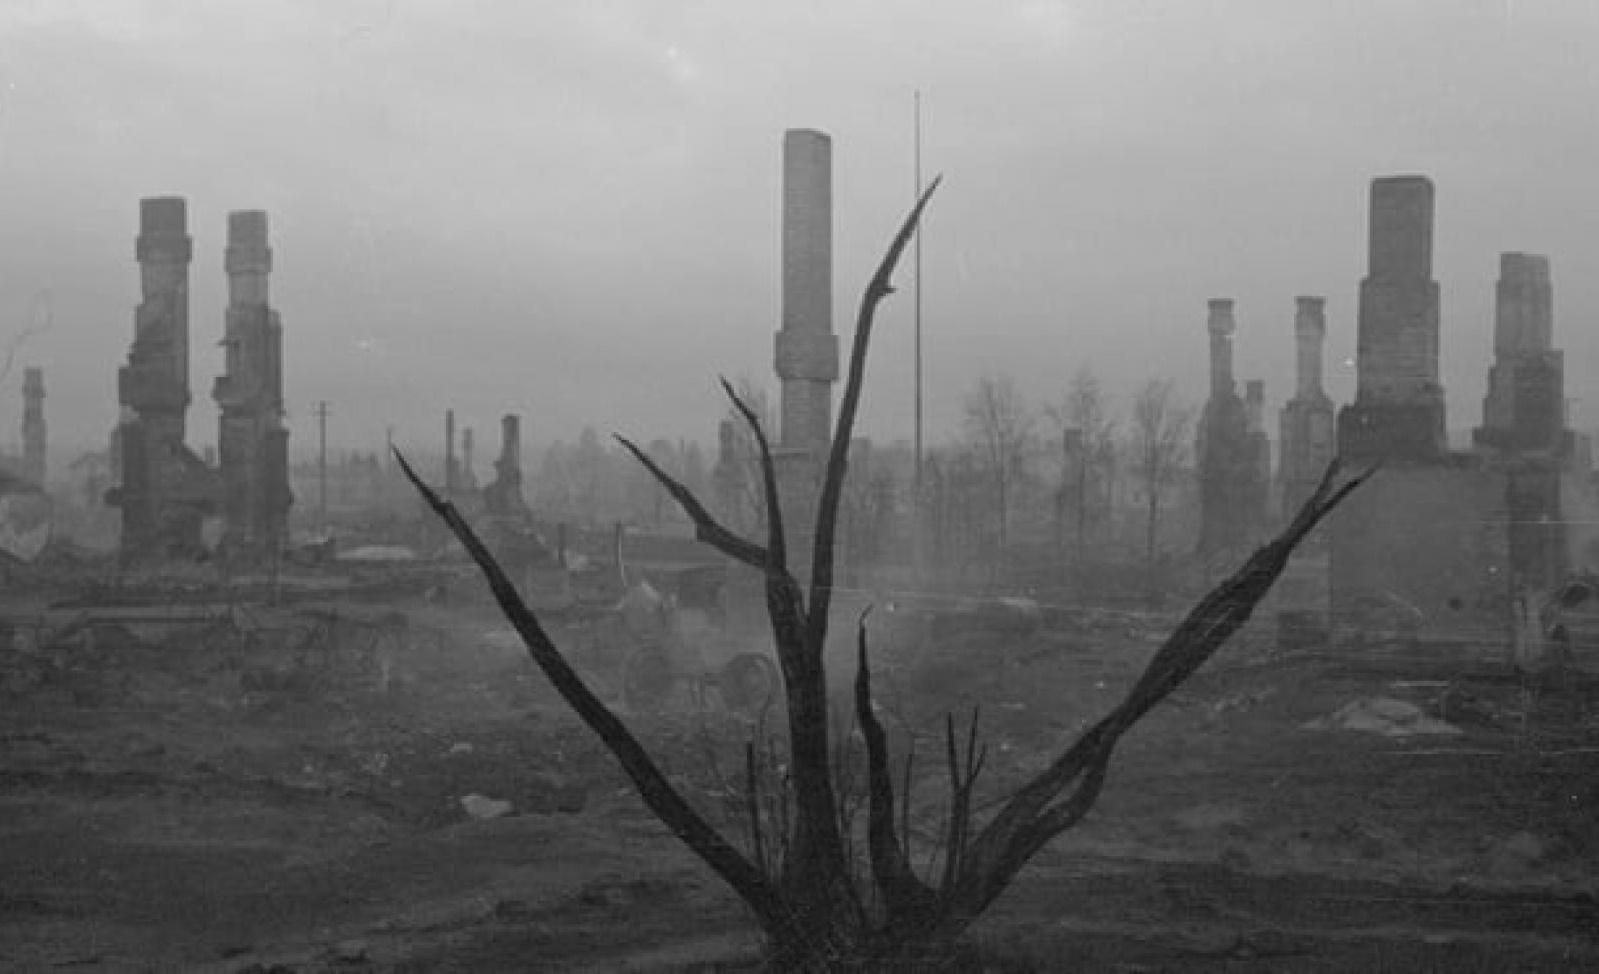 Ροβανιέμι: Η σκοτεινή ιστορία με τους ναζί για το χωριό του Άγιου Βασίλη